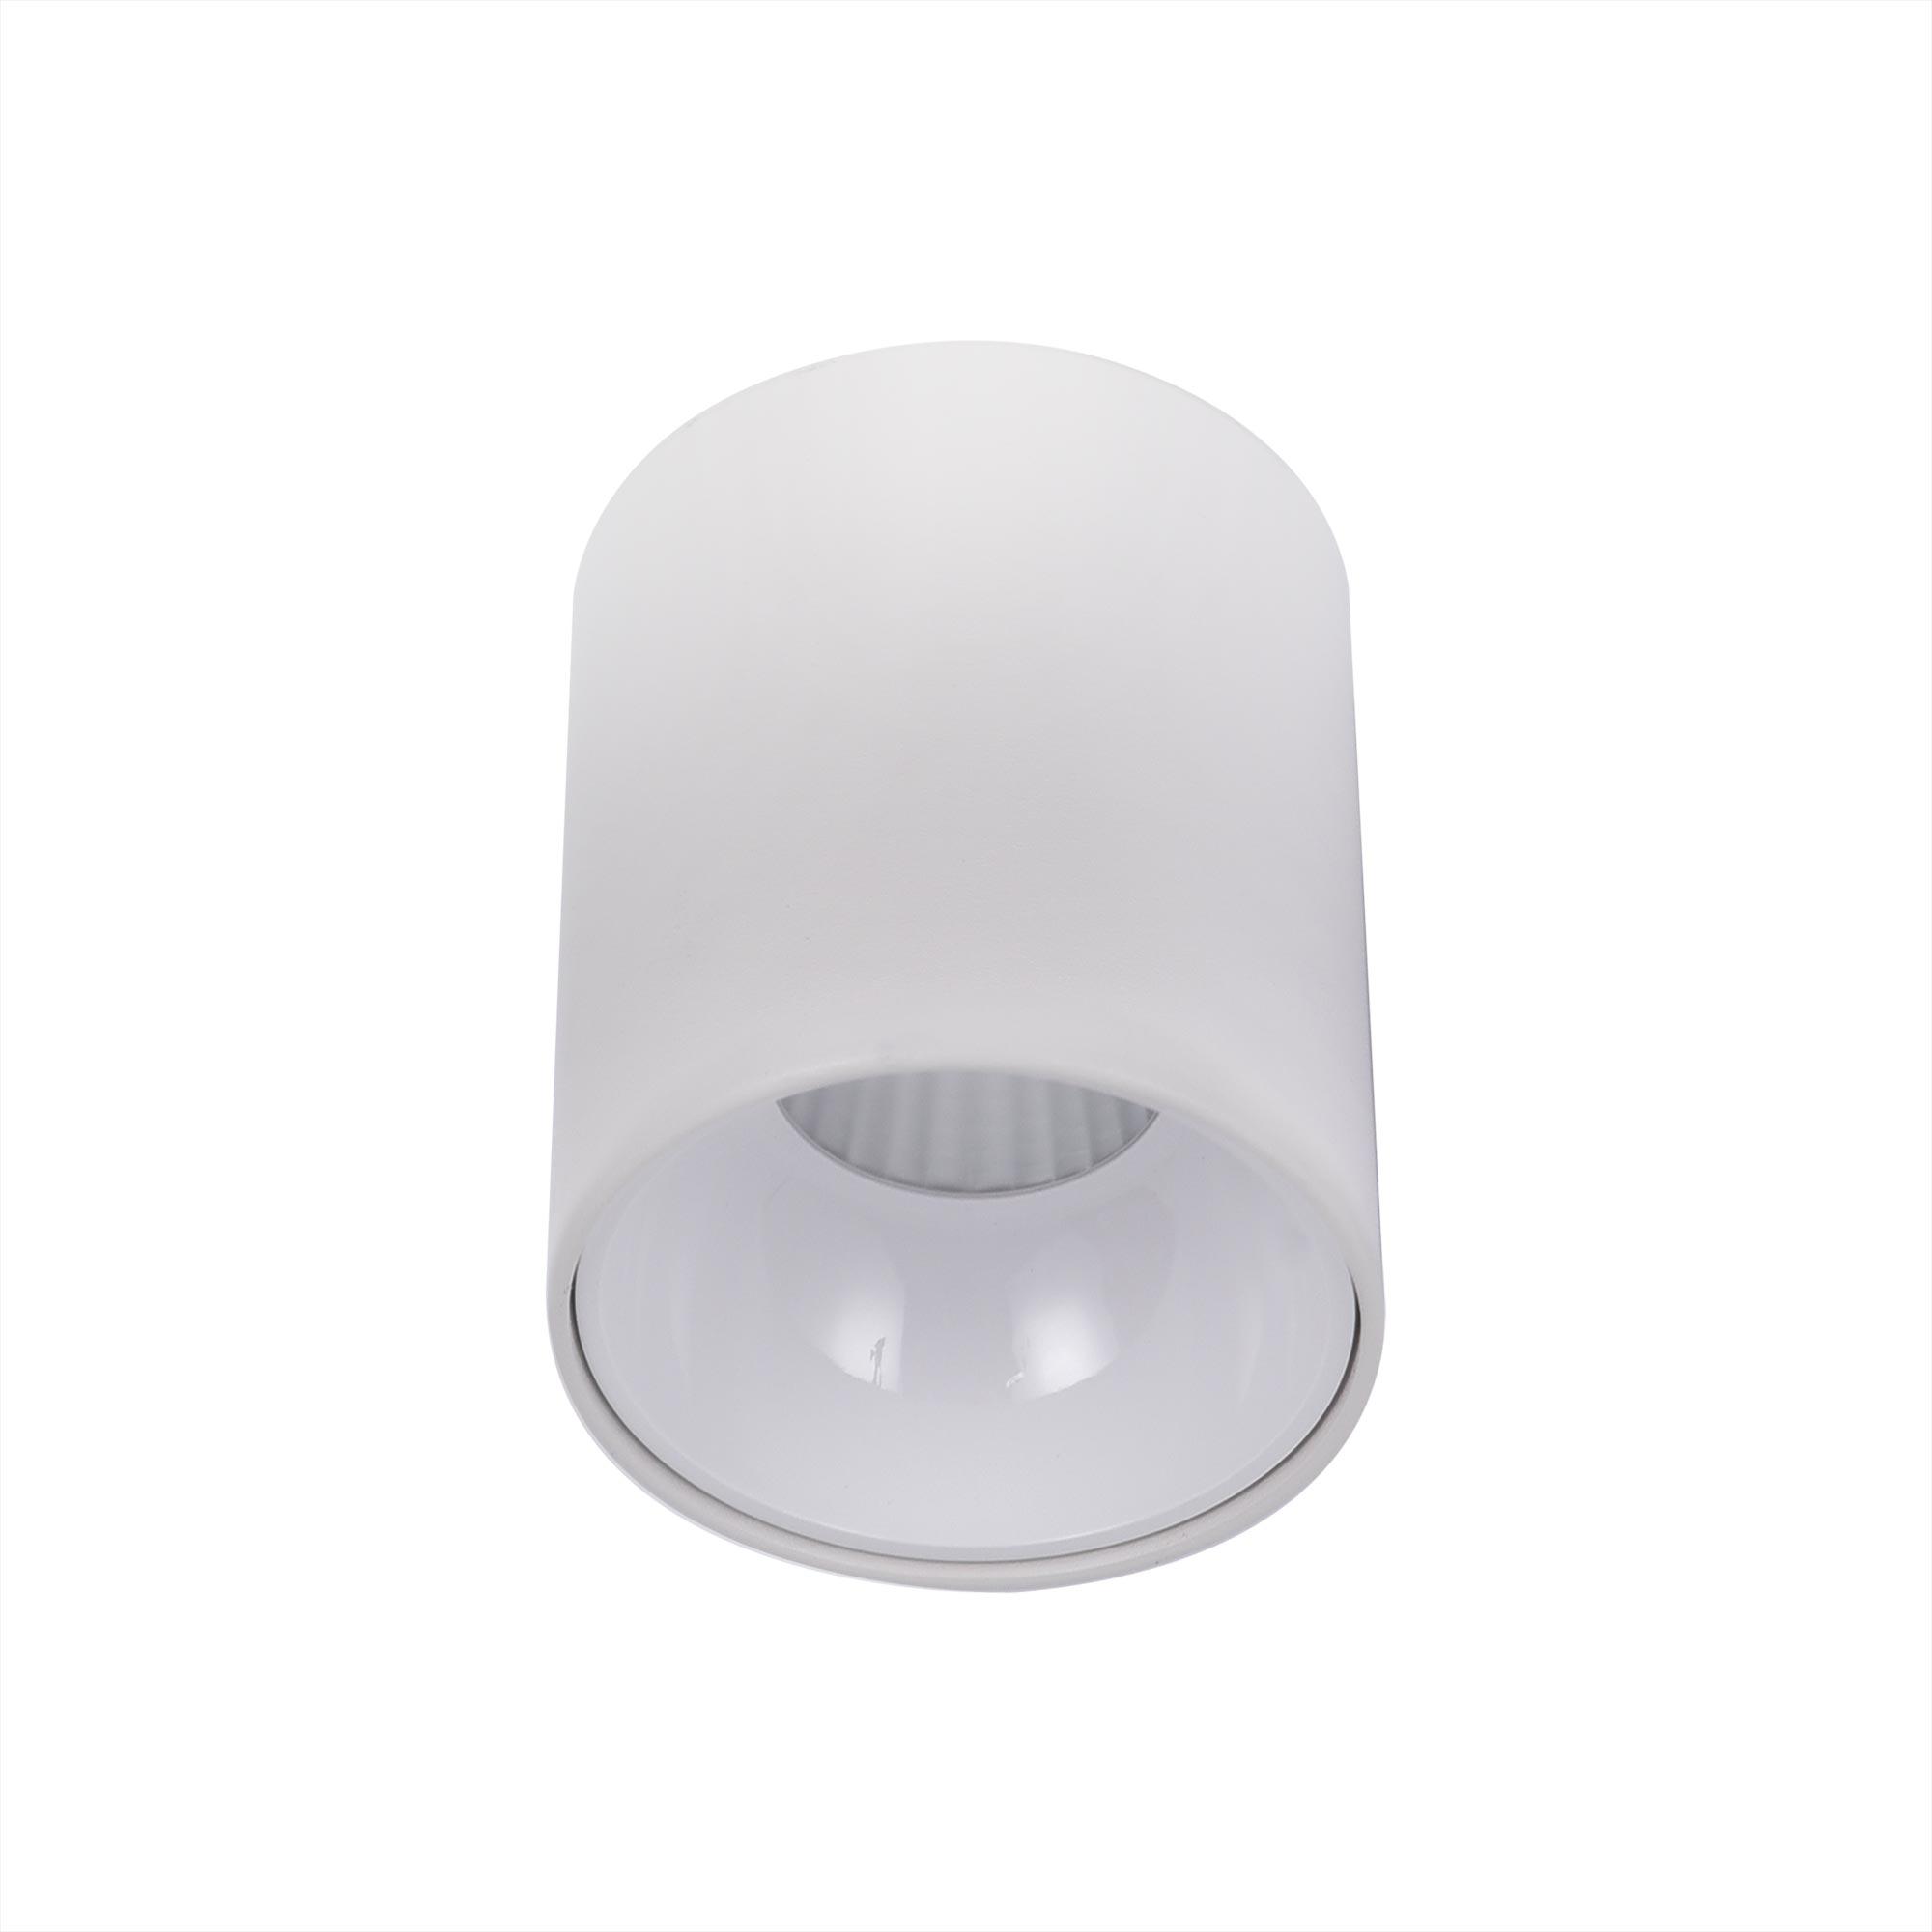 Настенно-потолочный светодиодный светильник Citilux cl7440100 старк 12wх3500k настенно потолочный светодиодный светильник citilux cl7440101 старк 12wх3500k